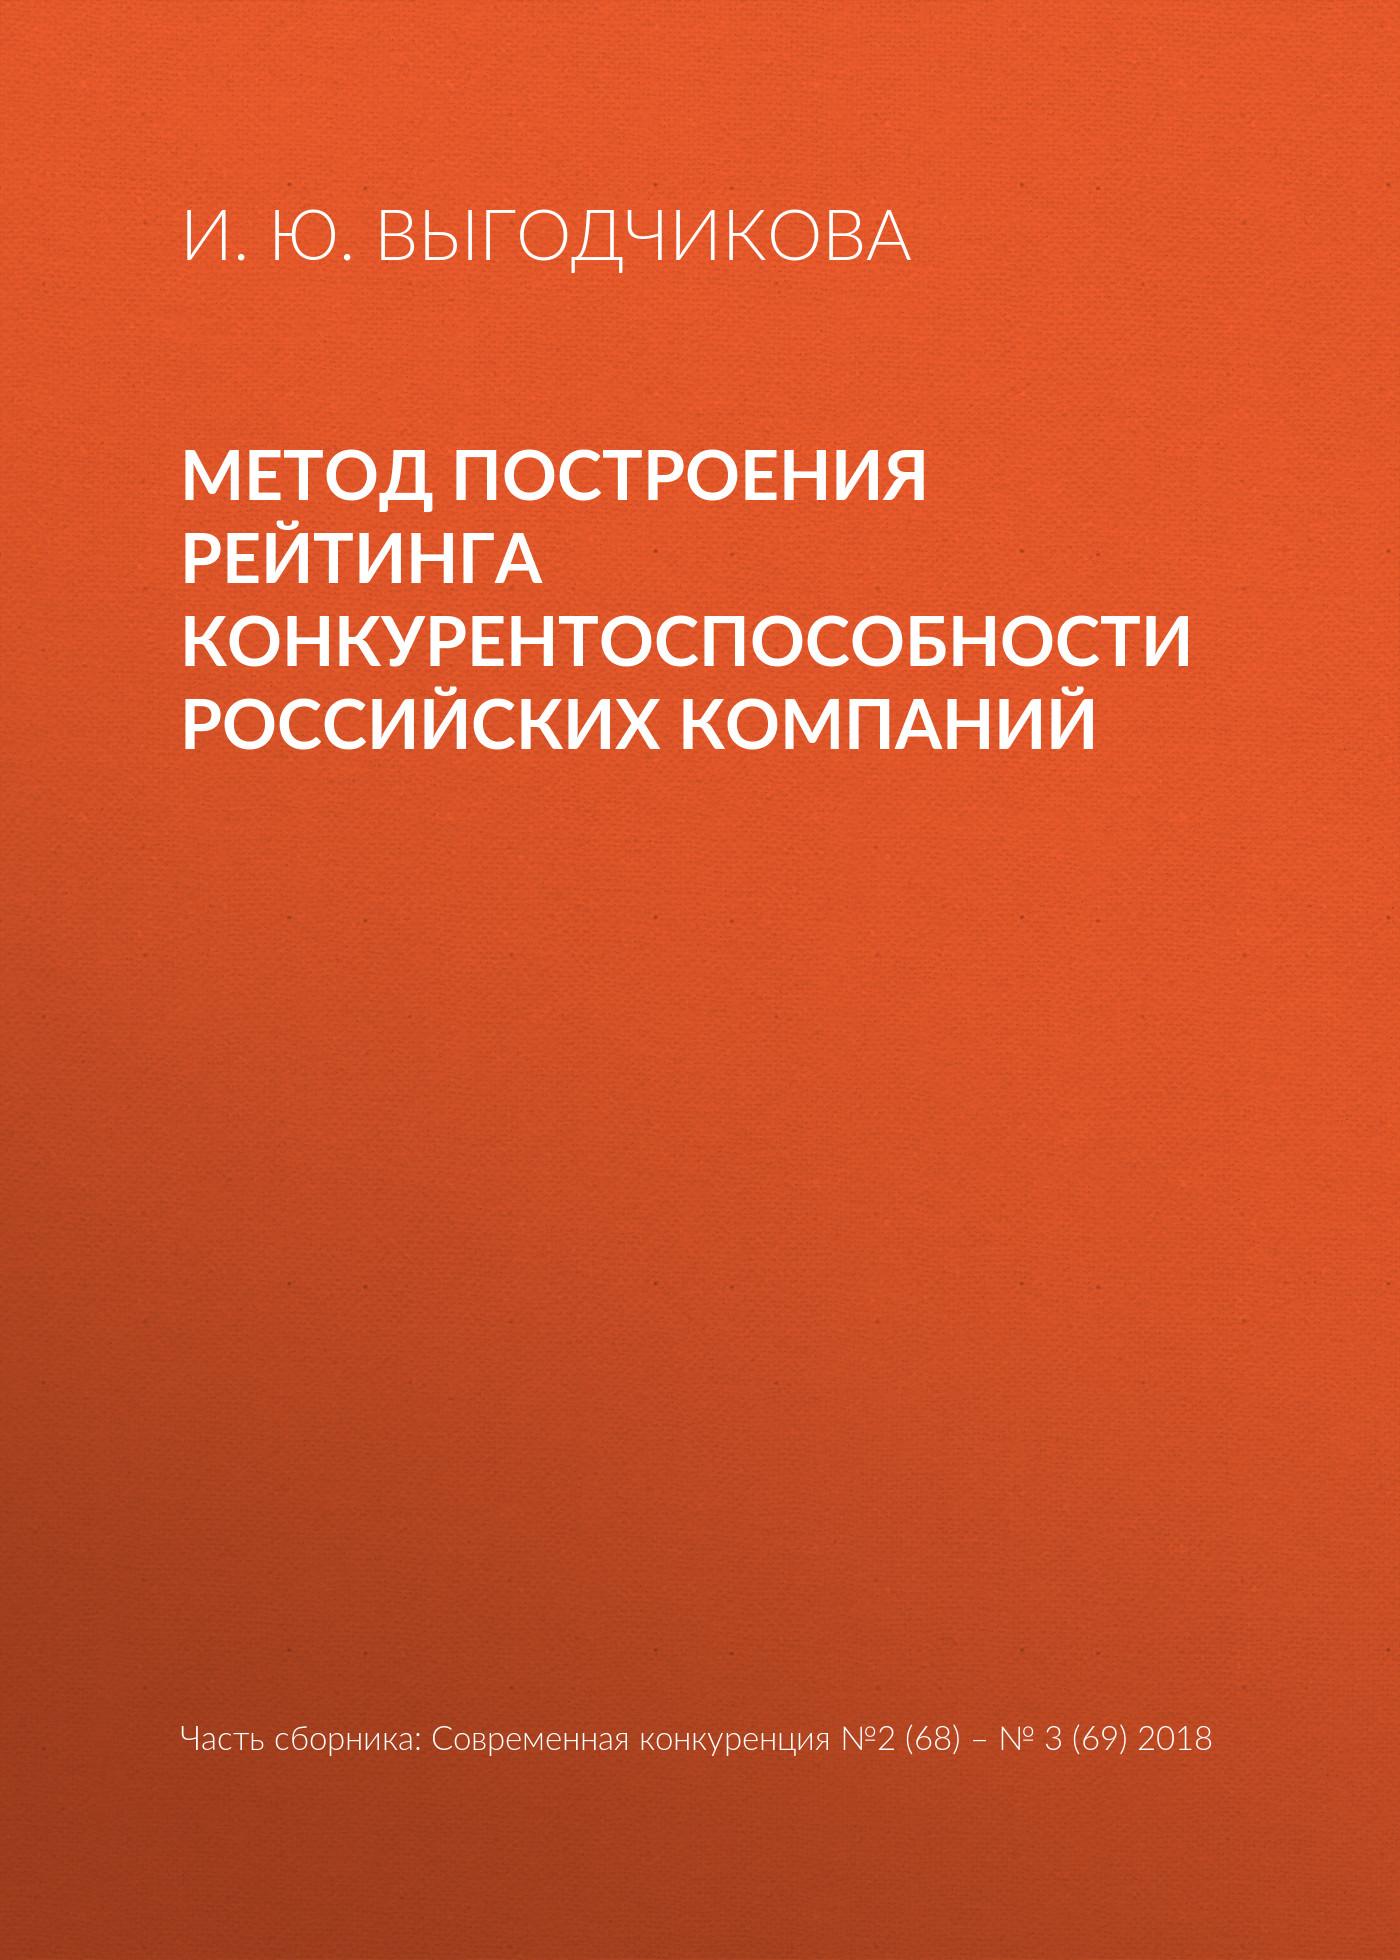 И. Ю. Выгодчикова Метод построения рейтинга конкурентоспособности российских компаний н в громова hr брендинг в обеспечении конкурентоспособности компаний